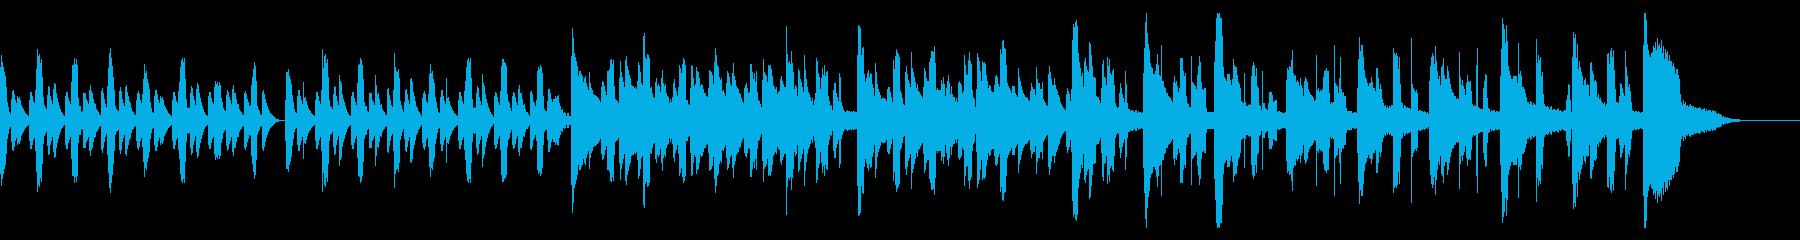 ピタゴラスイッチ風のほのぼのリコーダー曲の再生済みの波形